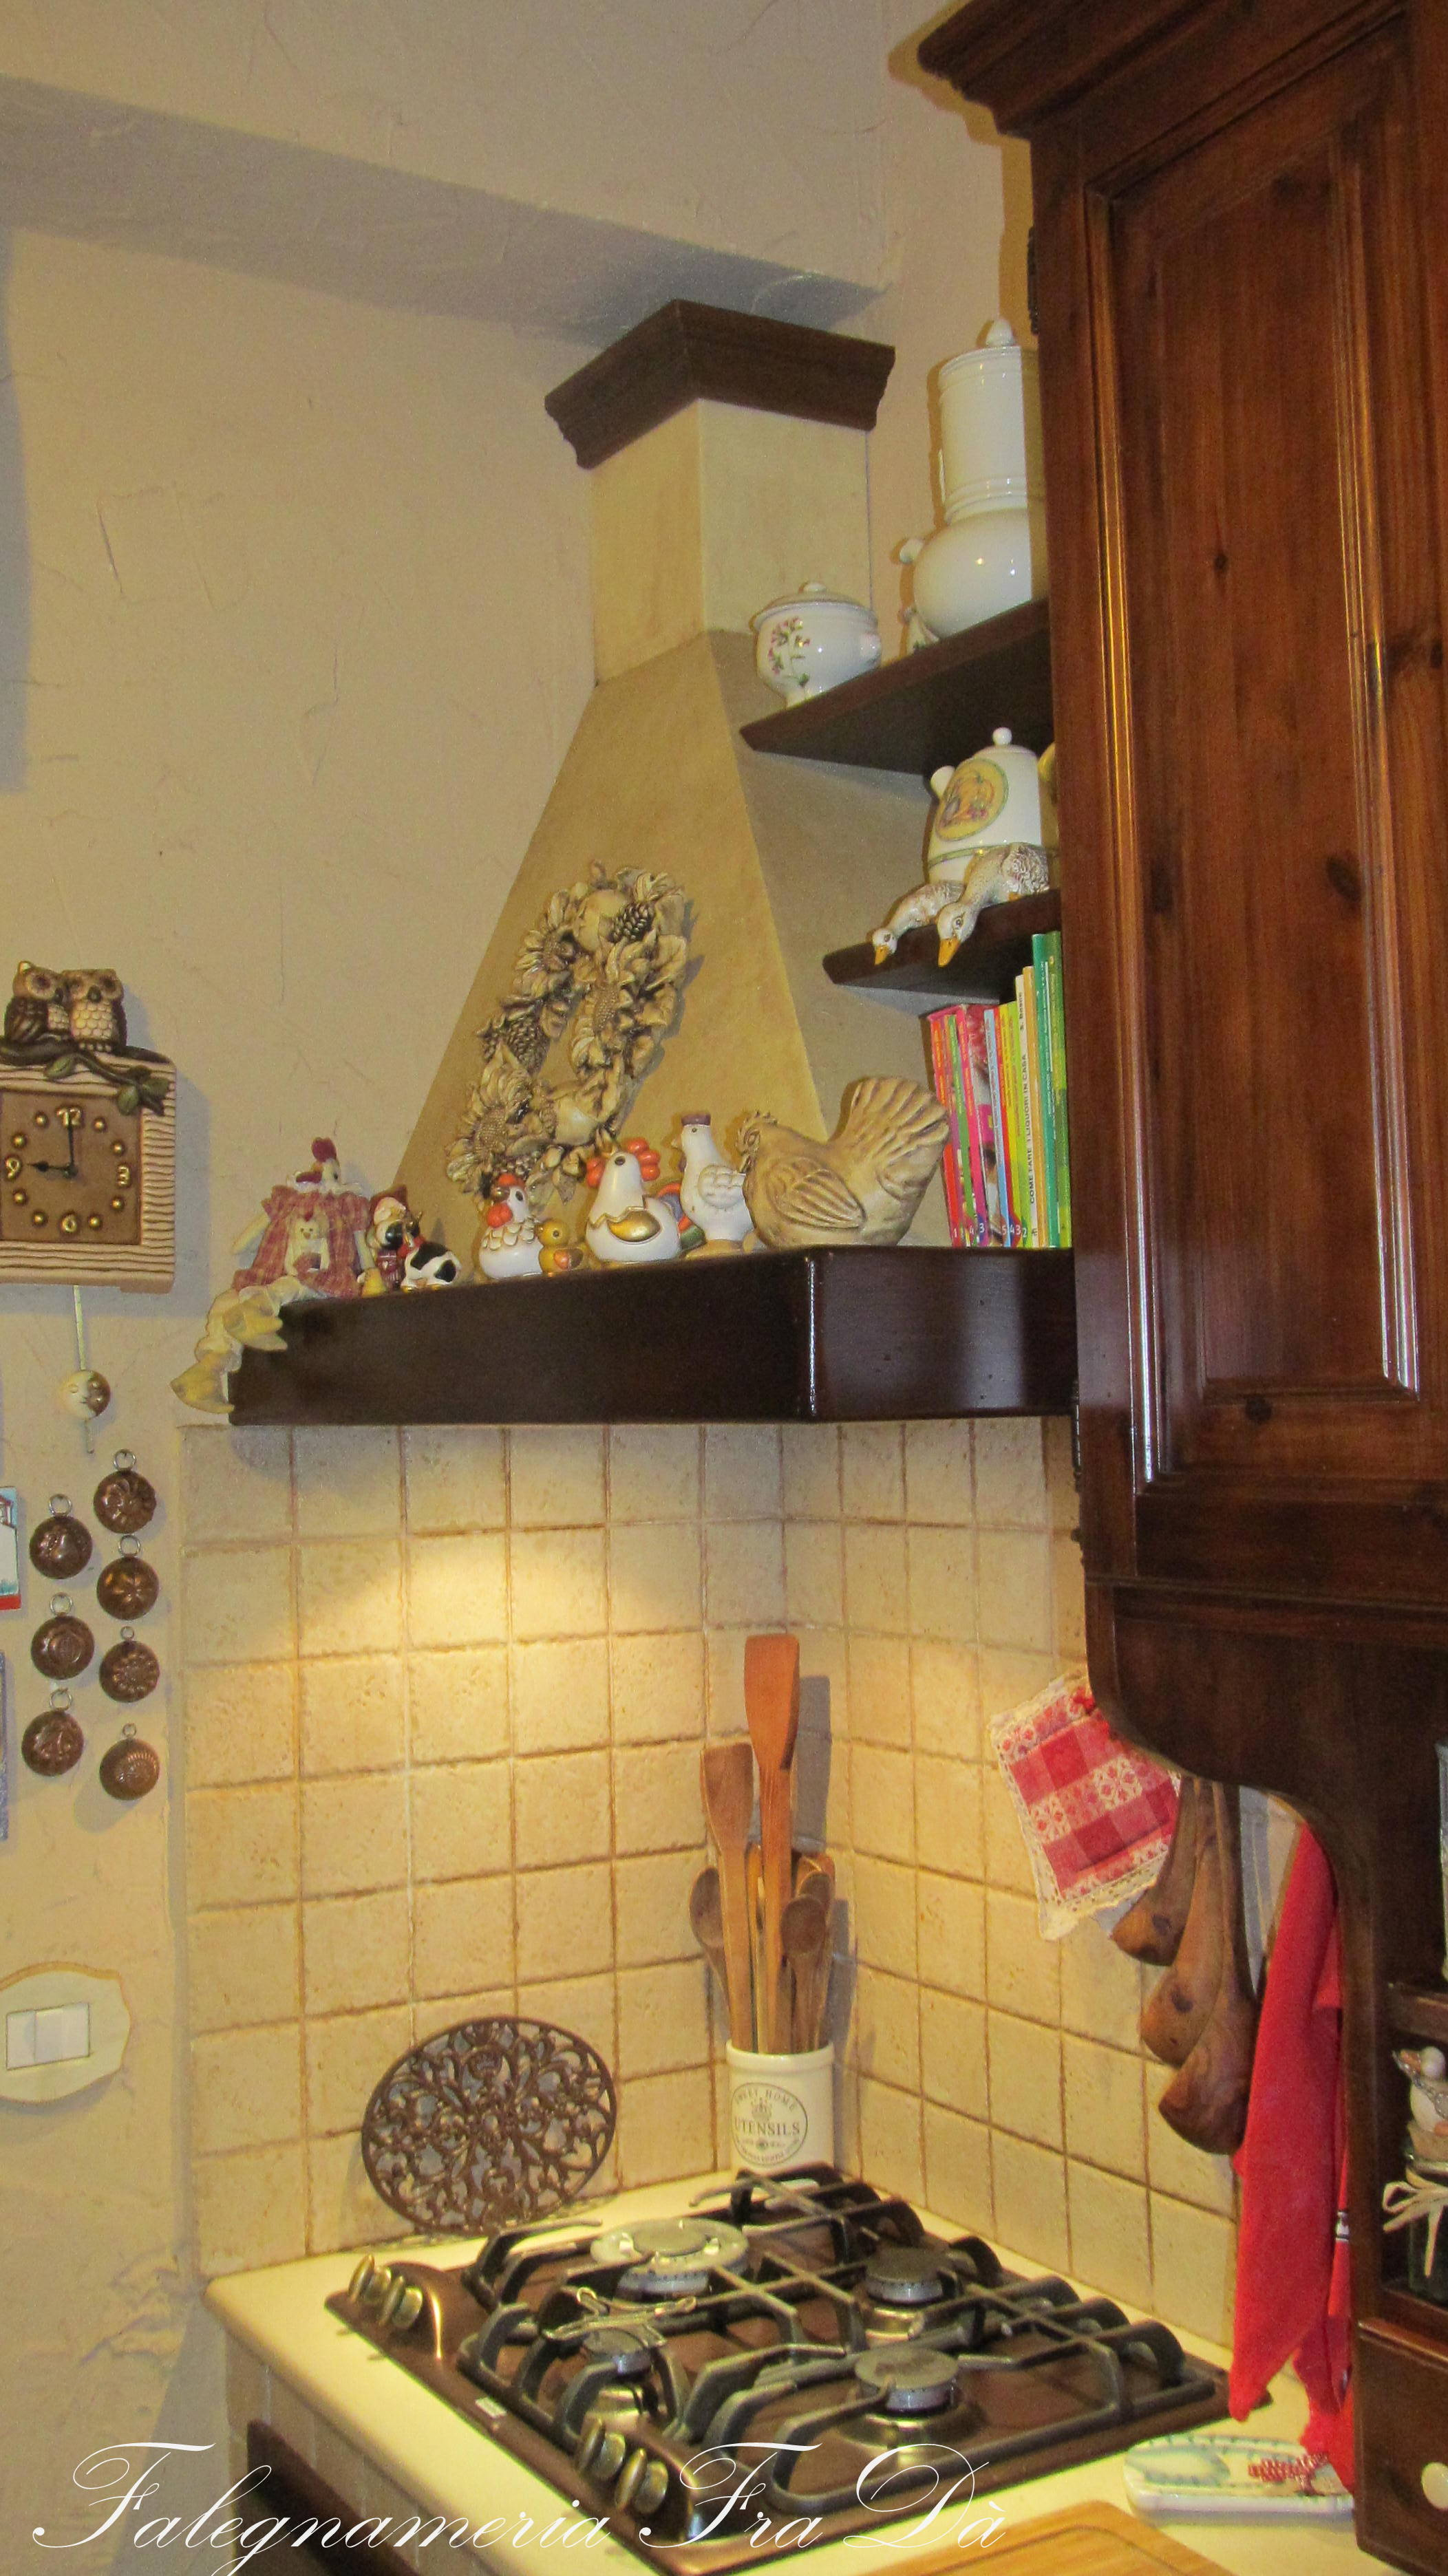 Cucina in legno stile rustico - Falegnameria Fradà - falegname a palermo